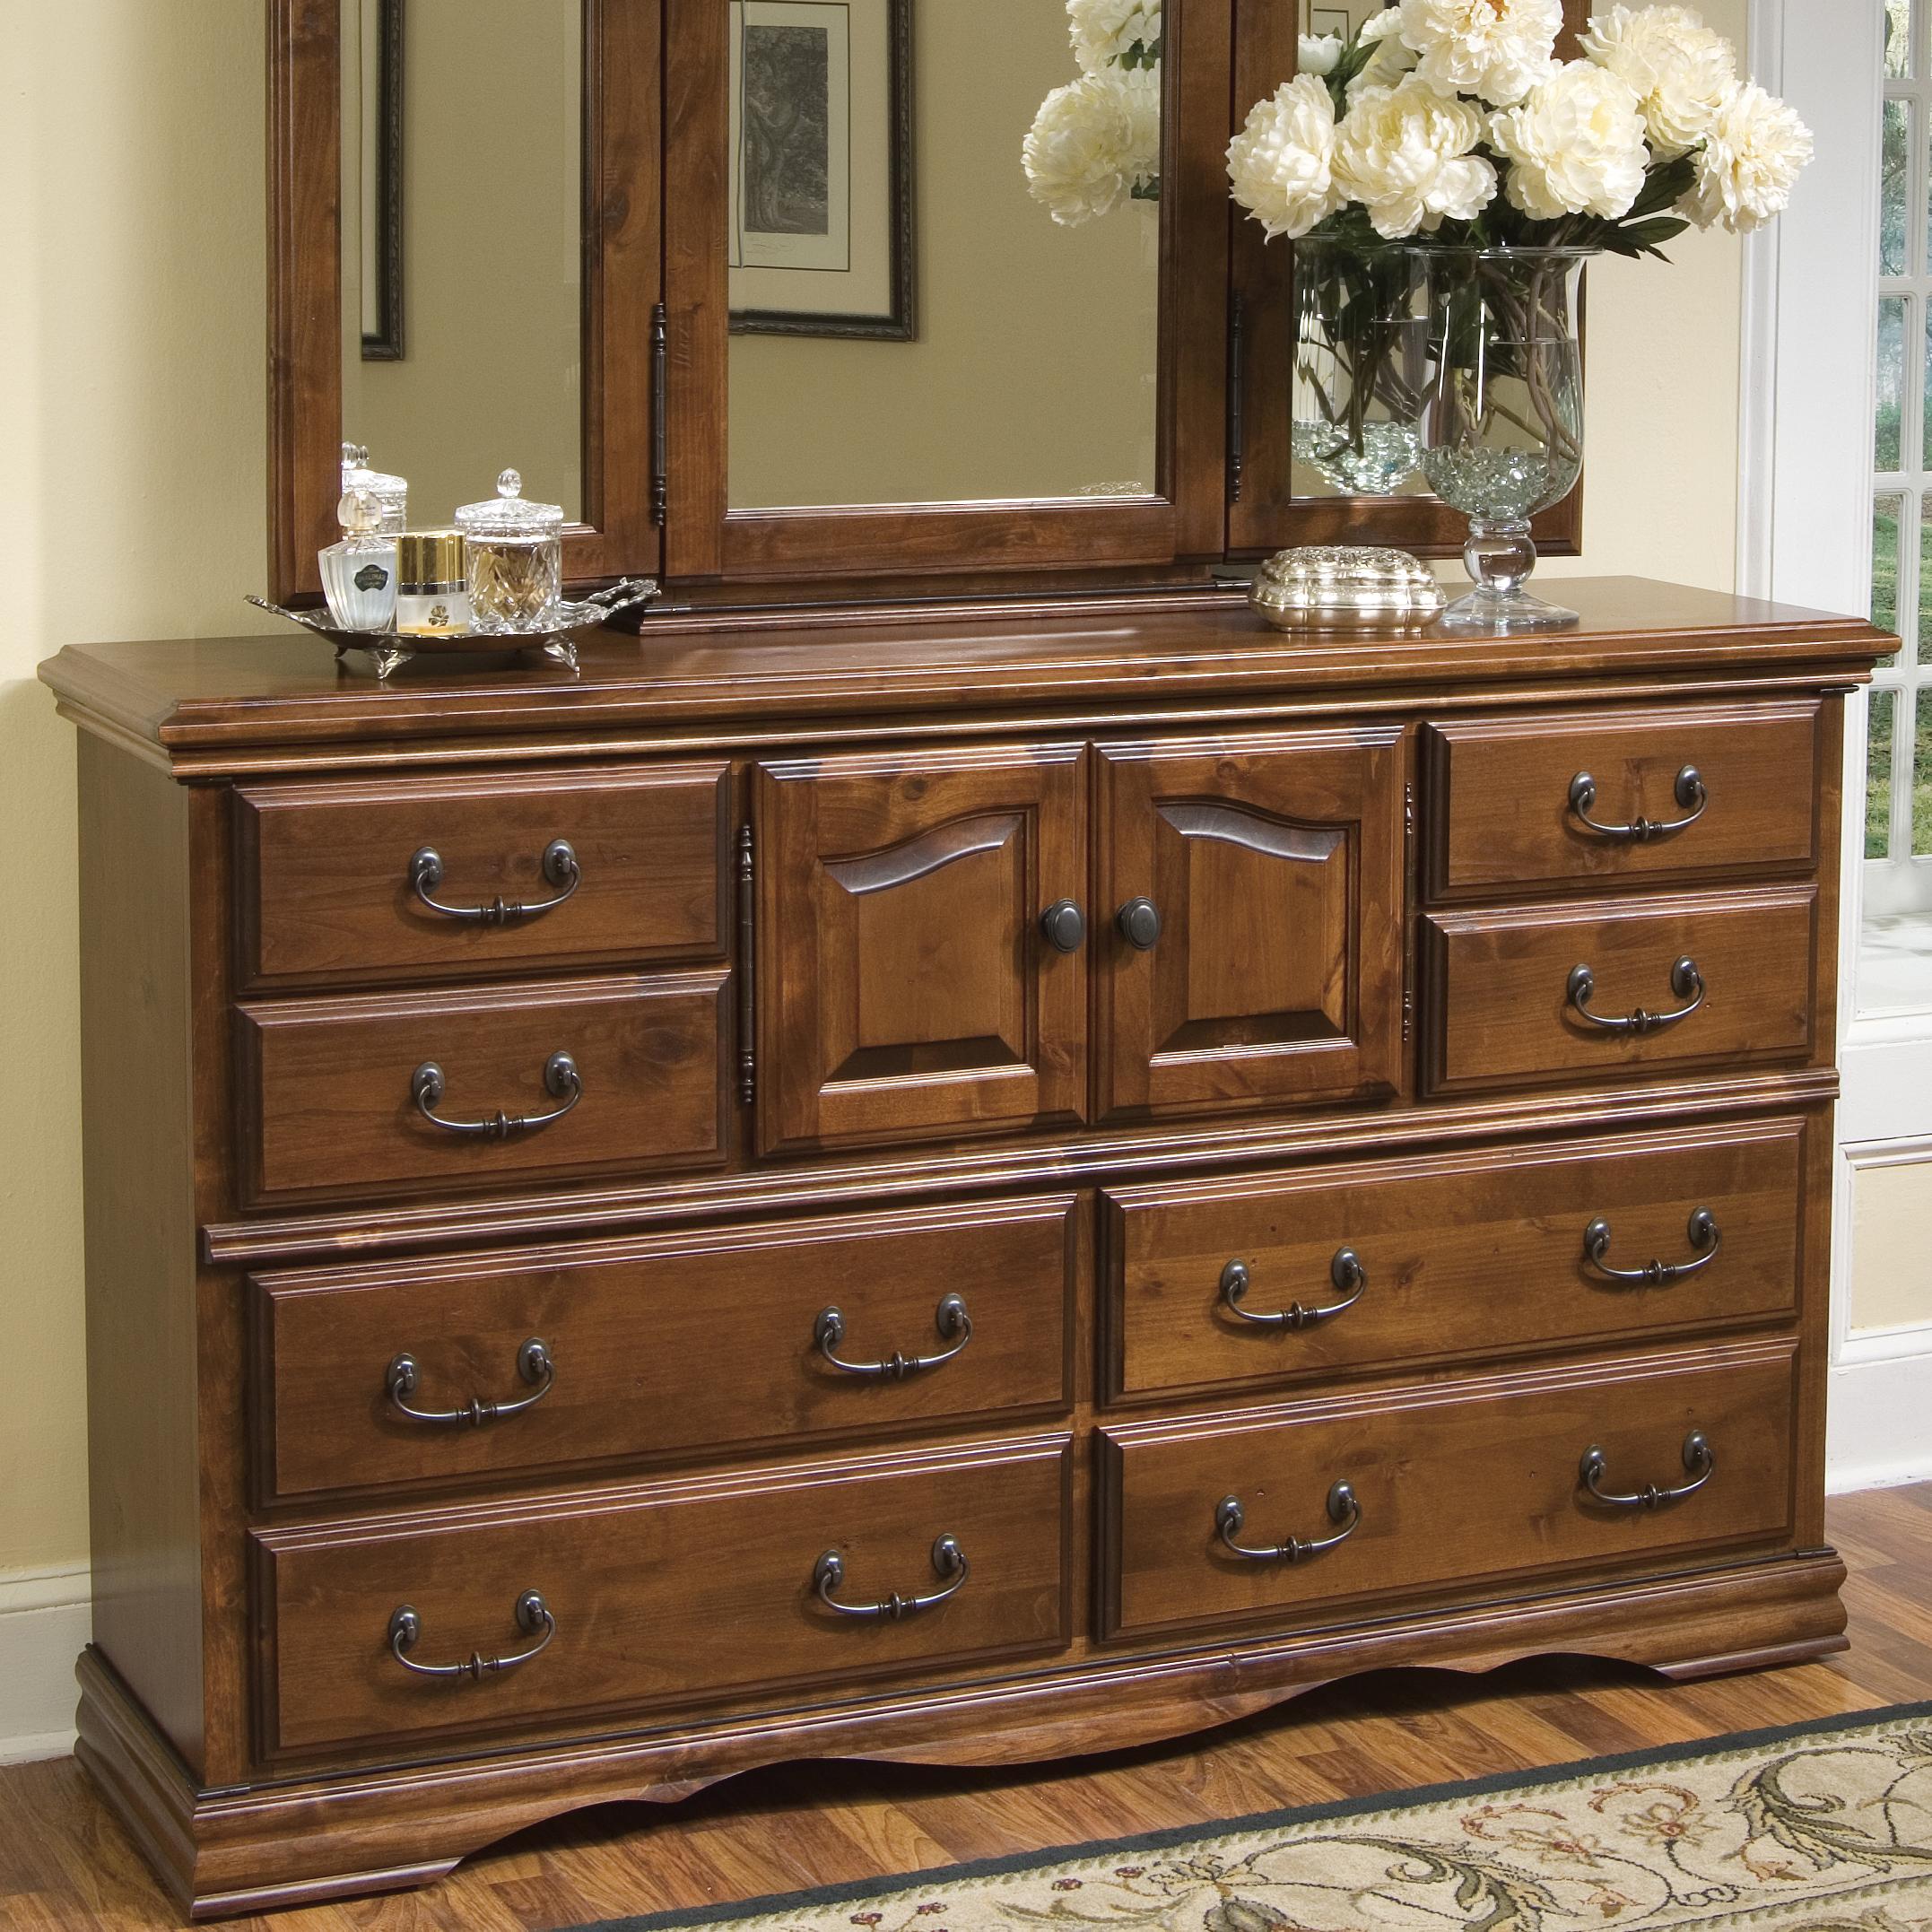 Furniture Traditions Alder Hill Dresser - Item Number: A2000